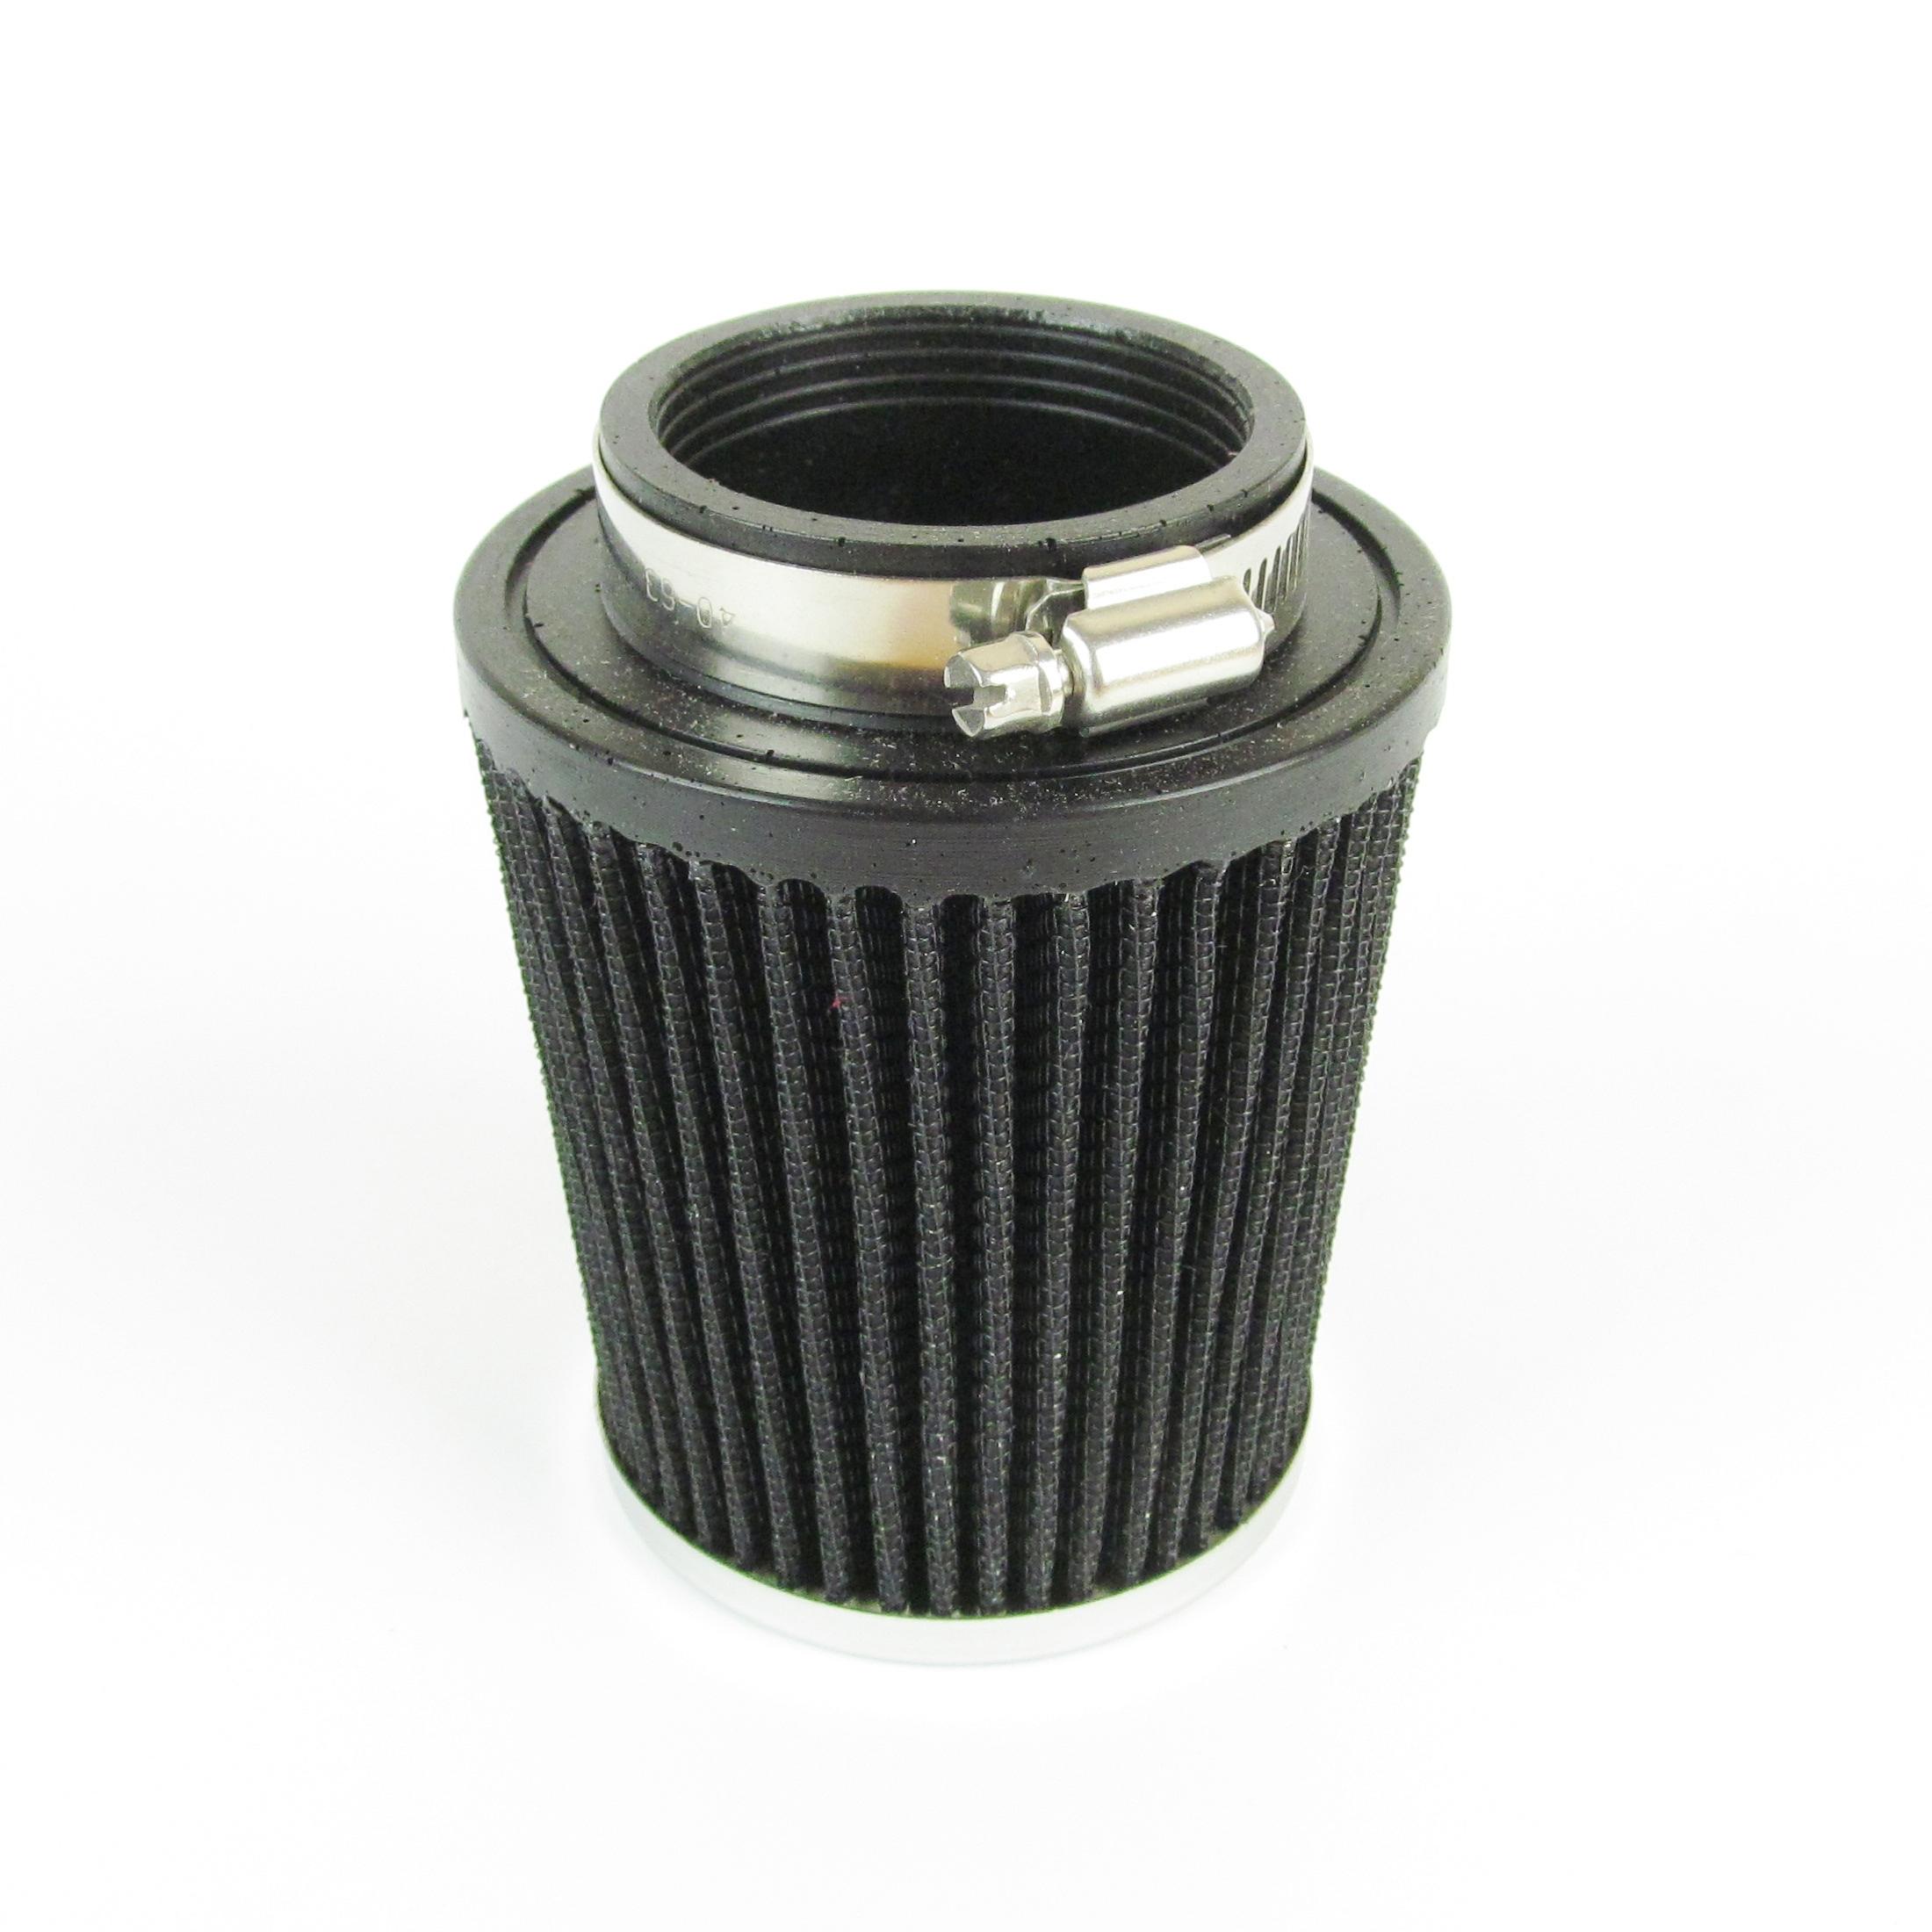 WEBER ICT//ICH VW SOLEX /& DELLORTO FRD CARBURETTOR AIR FILTER//CLEANER